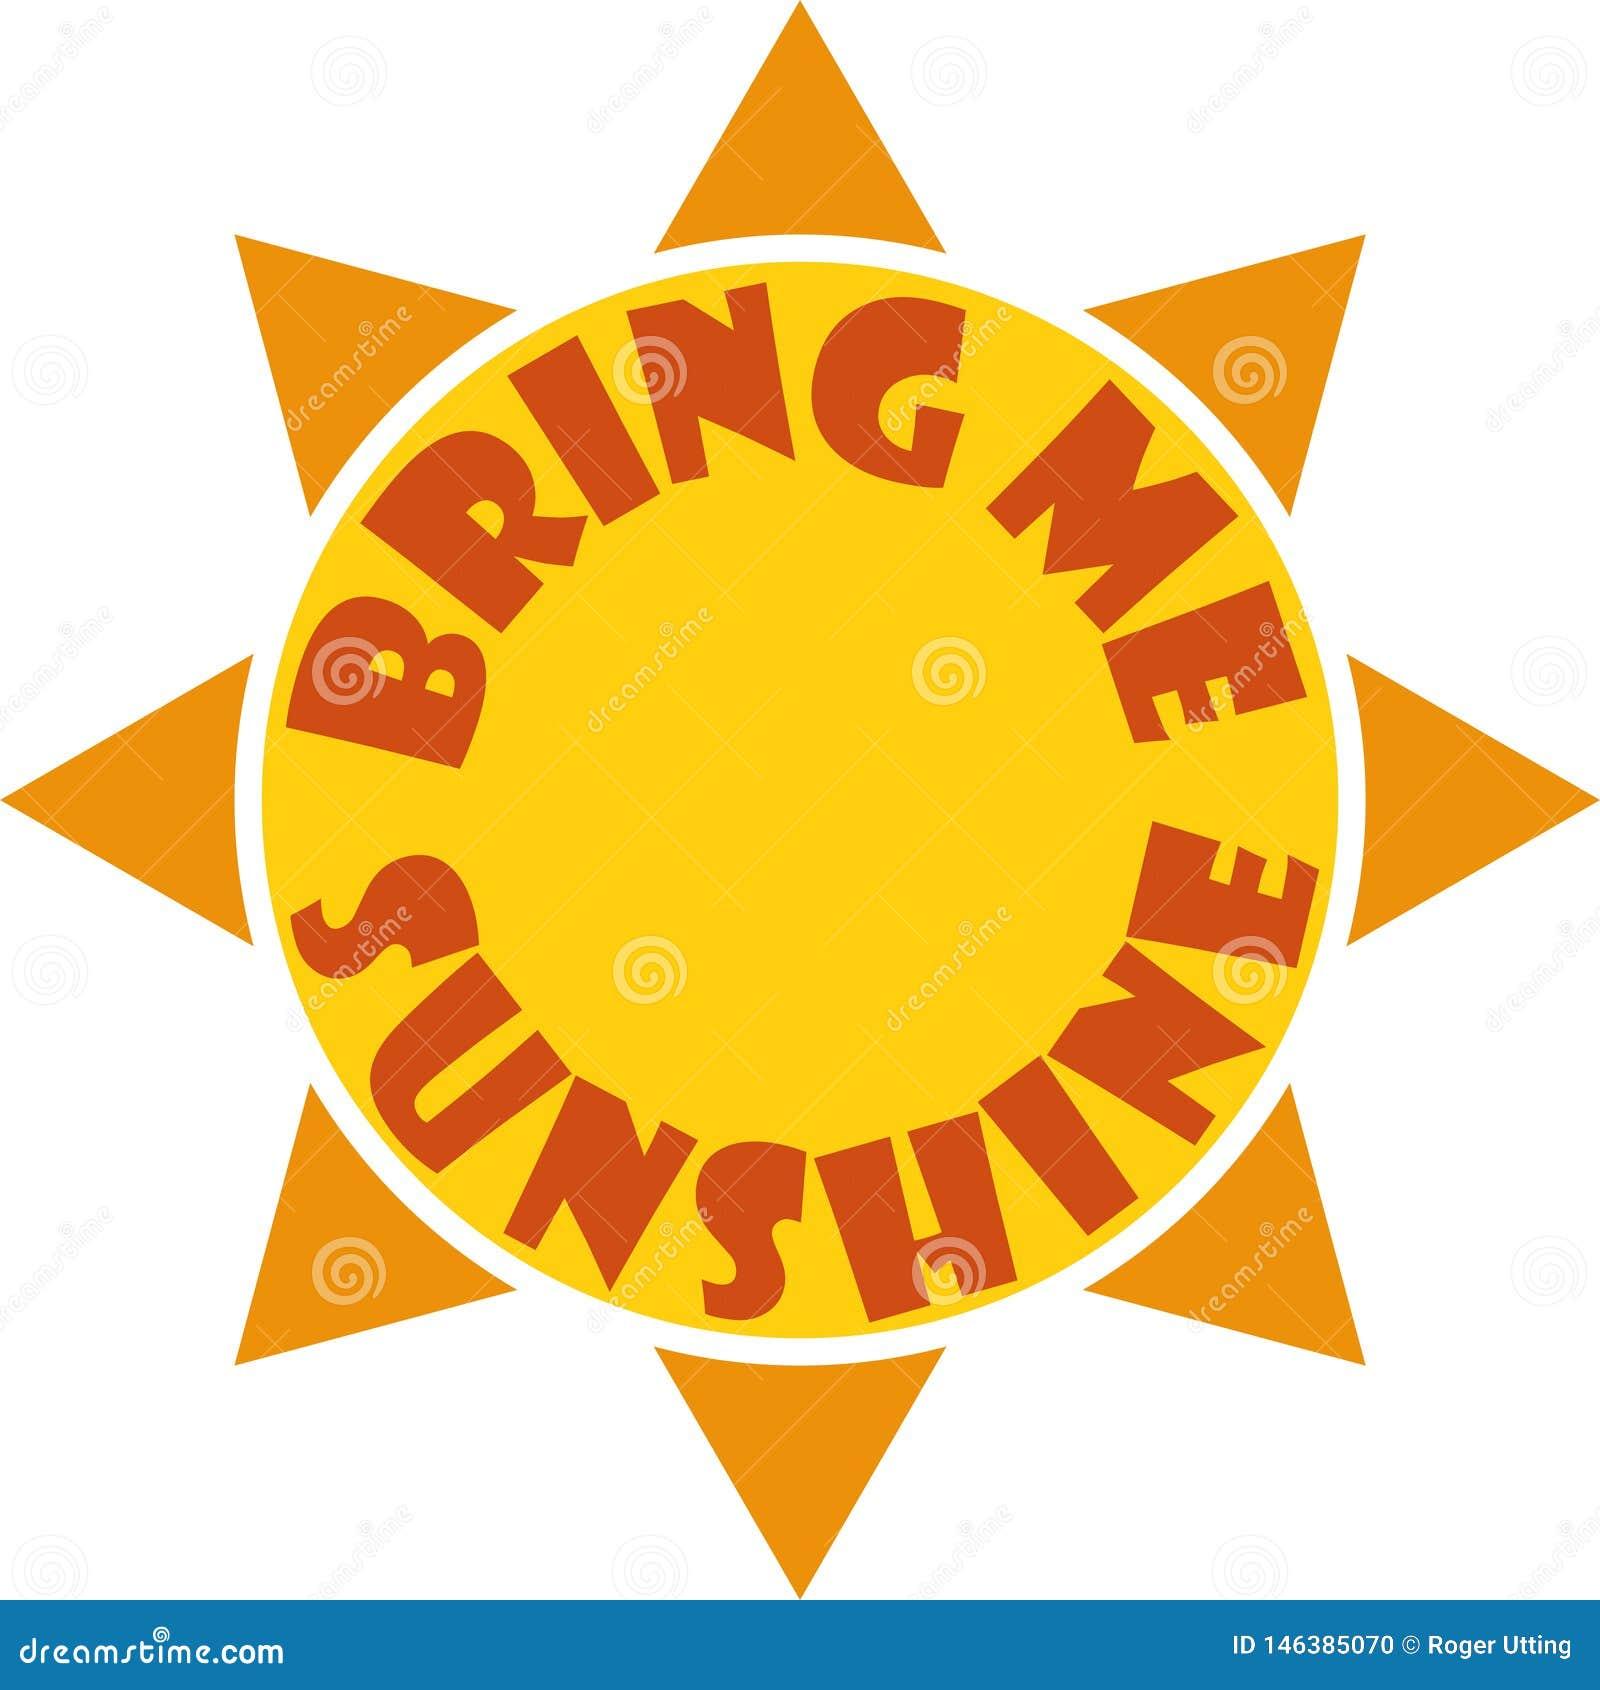 Apportez-moi le soleil